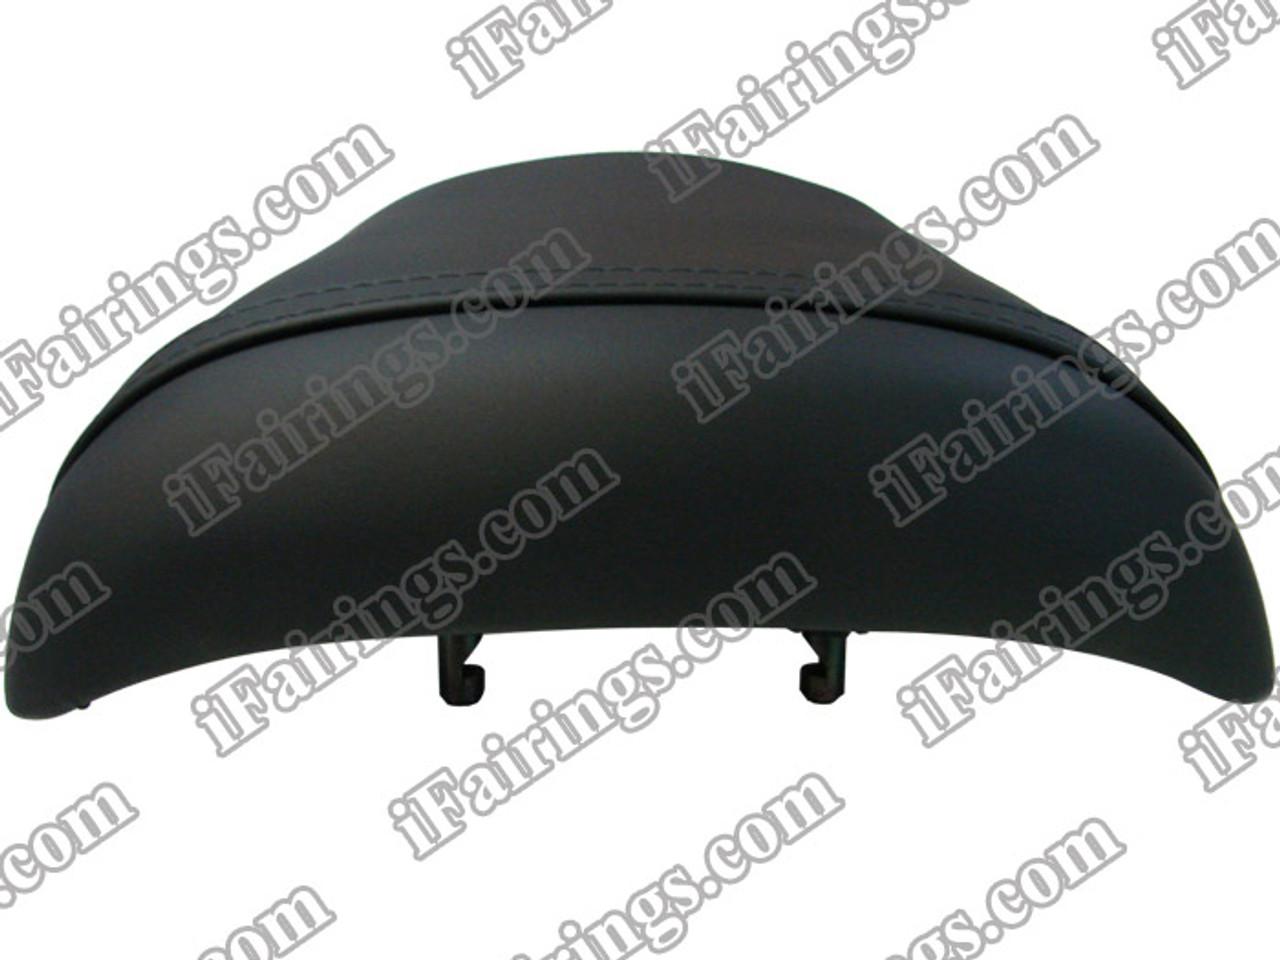 New Black Rear Pillion Passenger Seat For 2003-2004 Suzuki GSX-R1000 GSXR 1000